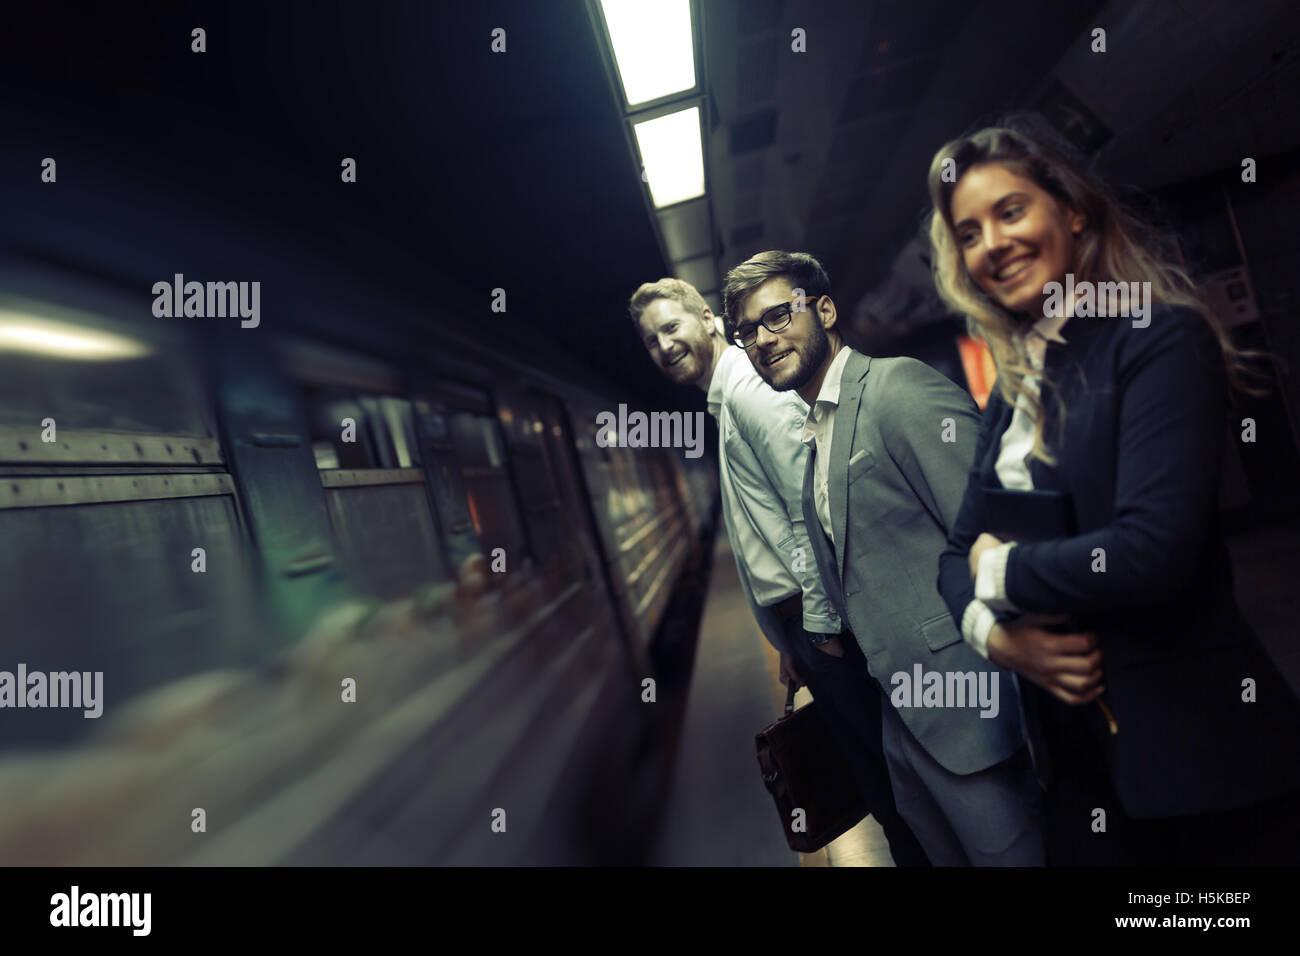 Gli imprenditori usando la metropolitana come mezzo di trasporto Immagini Stock